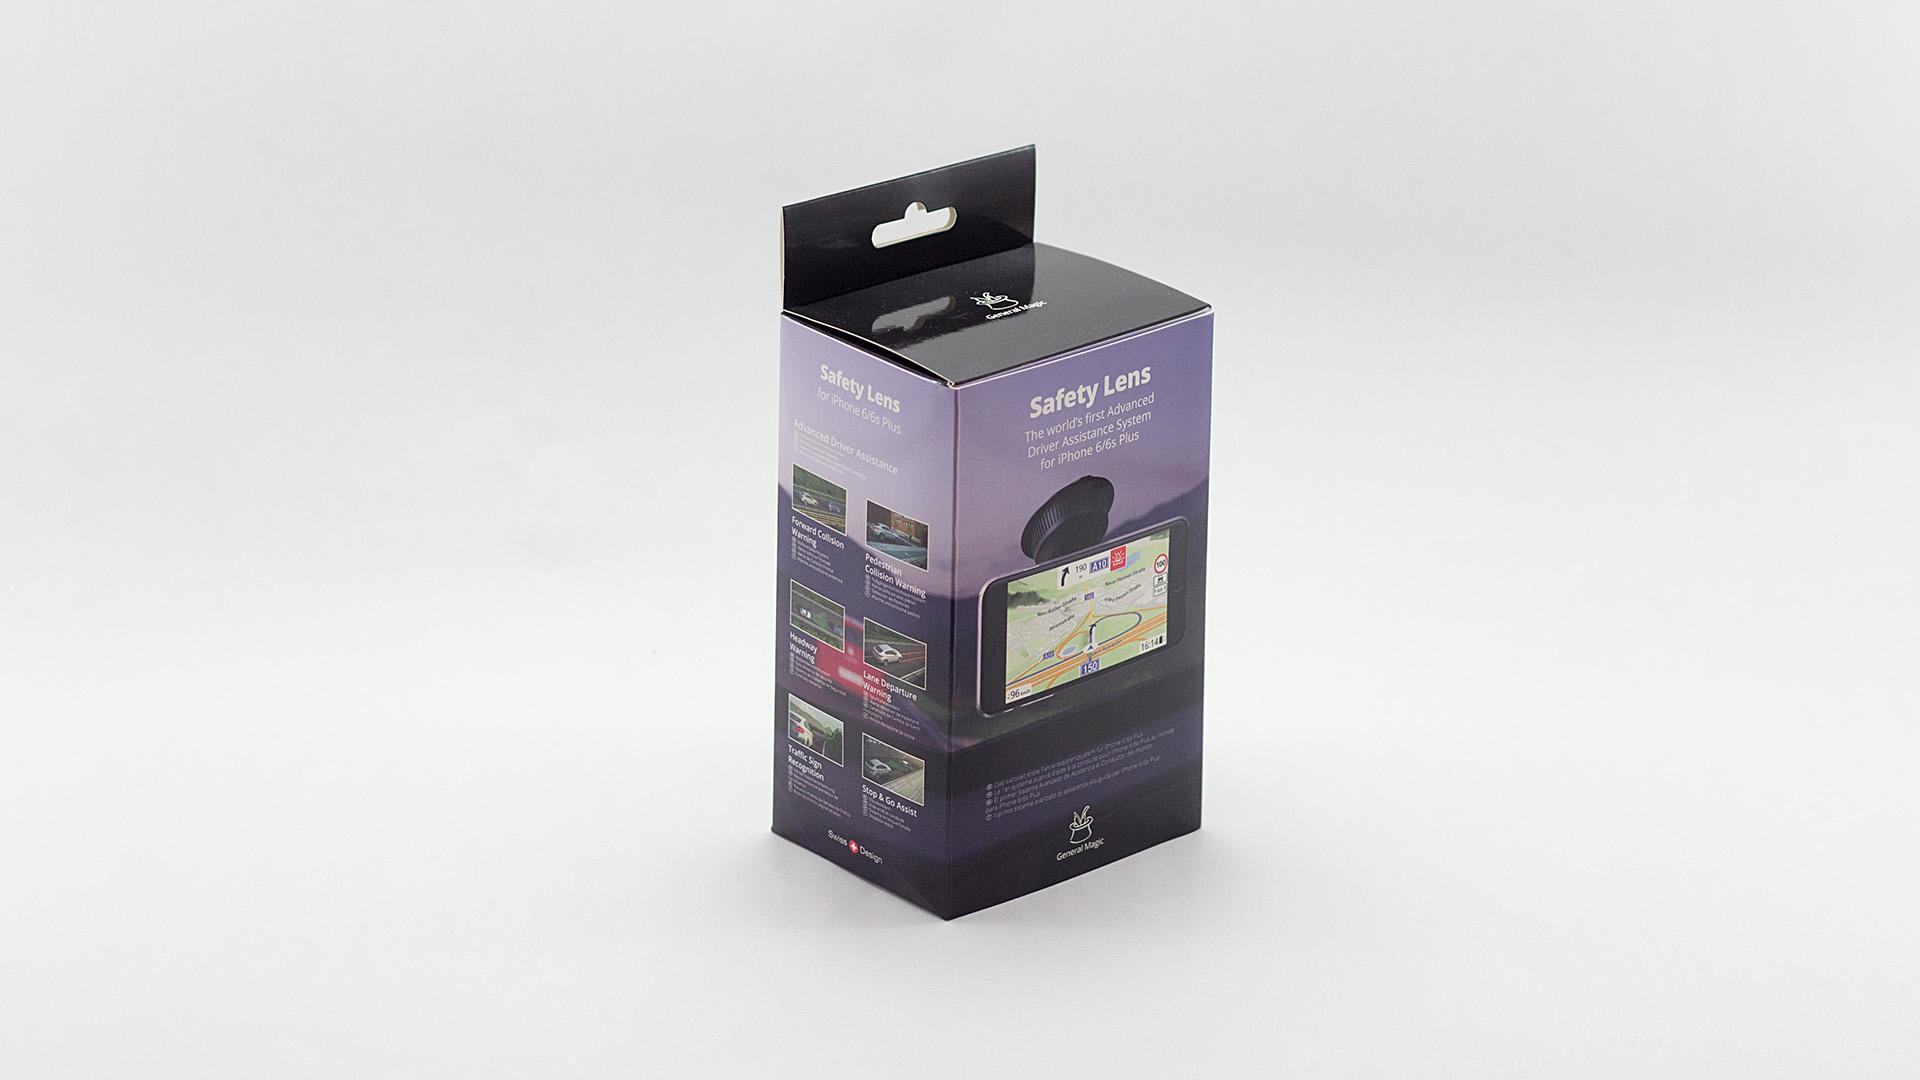 Bisigned Safety Lens Packaging Design